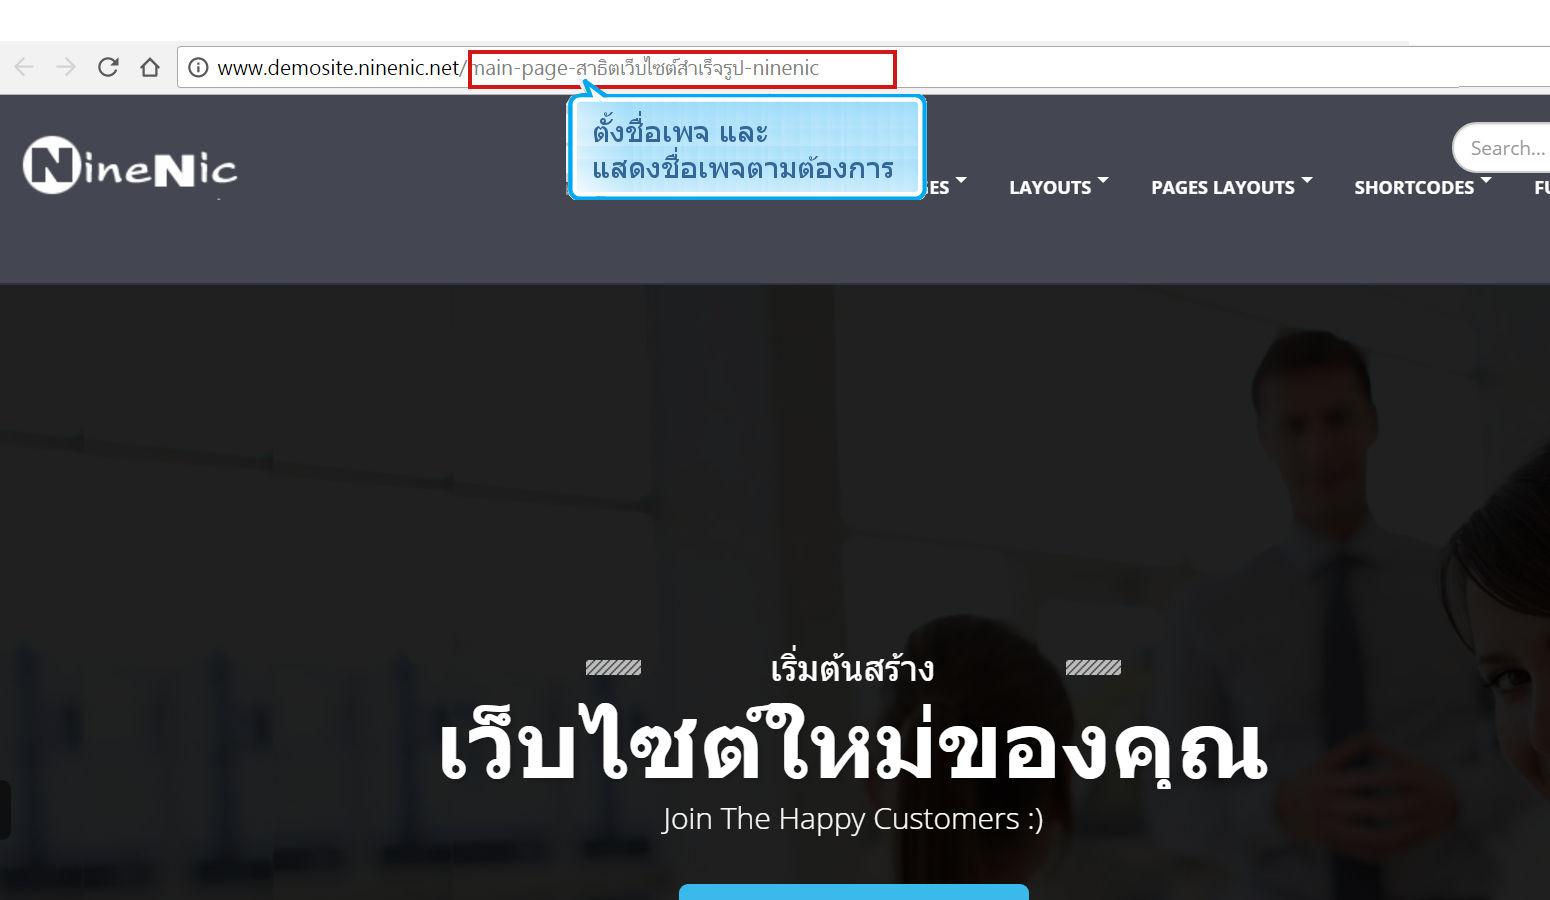 เว็บไซต์สำเร็จรูปที่รองรับ สนับสนุนเครื่องมือค้นหาจาก search engine seo - การใส่ชื่อเว็บเพจ